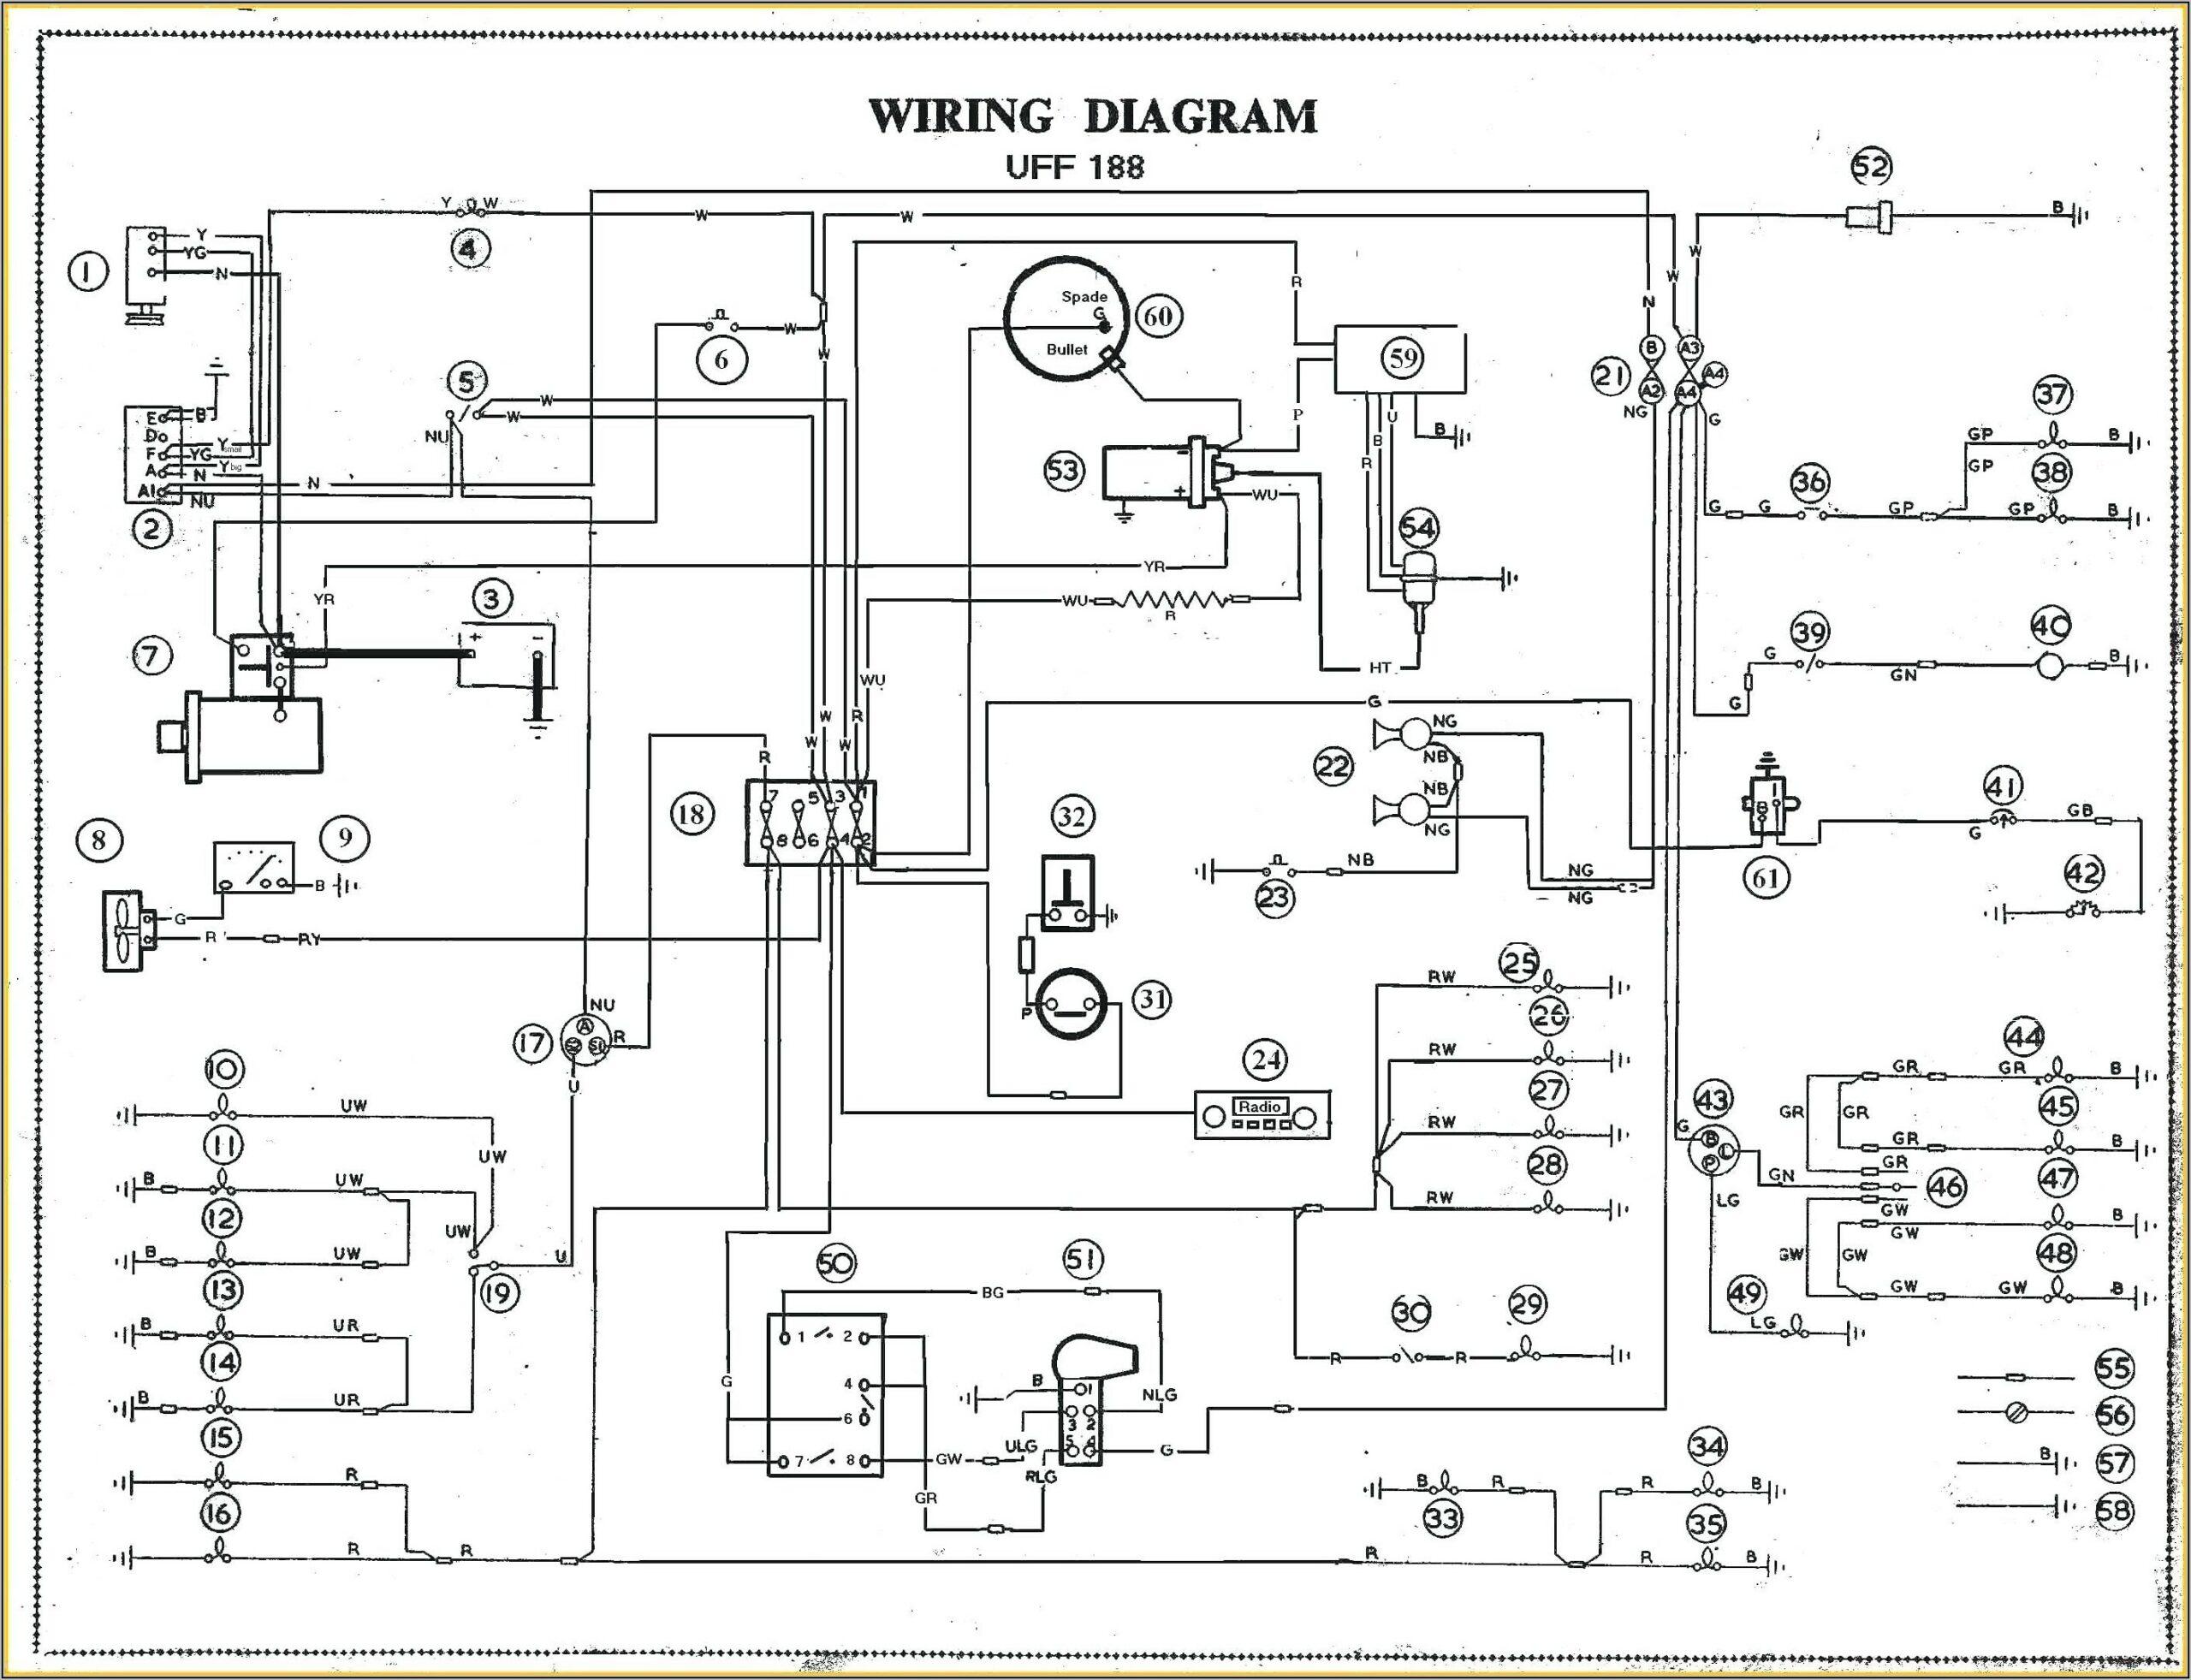 101 Electrical Wiring Diagram Pdf